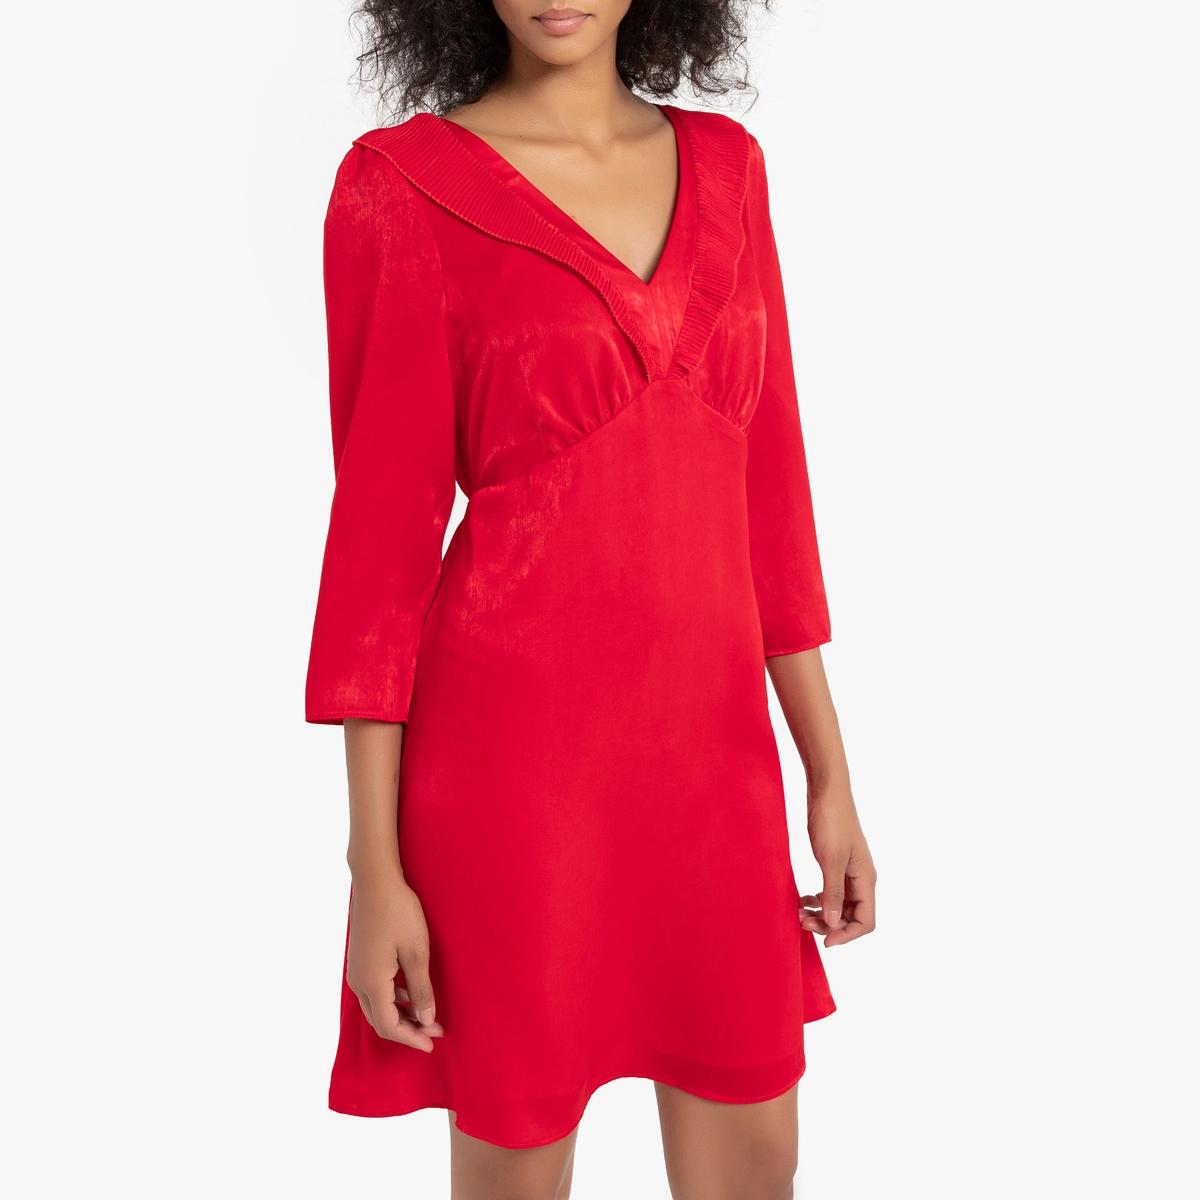 Платье La Redoute Расклешенное атласное с длинными рукавами и деталями на вырезе 38 (FR) - 44 (RUS) красный брюки la redoute с высокой талией из лиоцелла 38 fr 44 rus бежевый